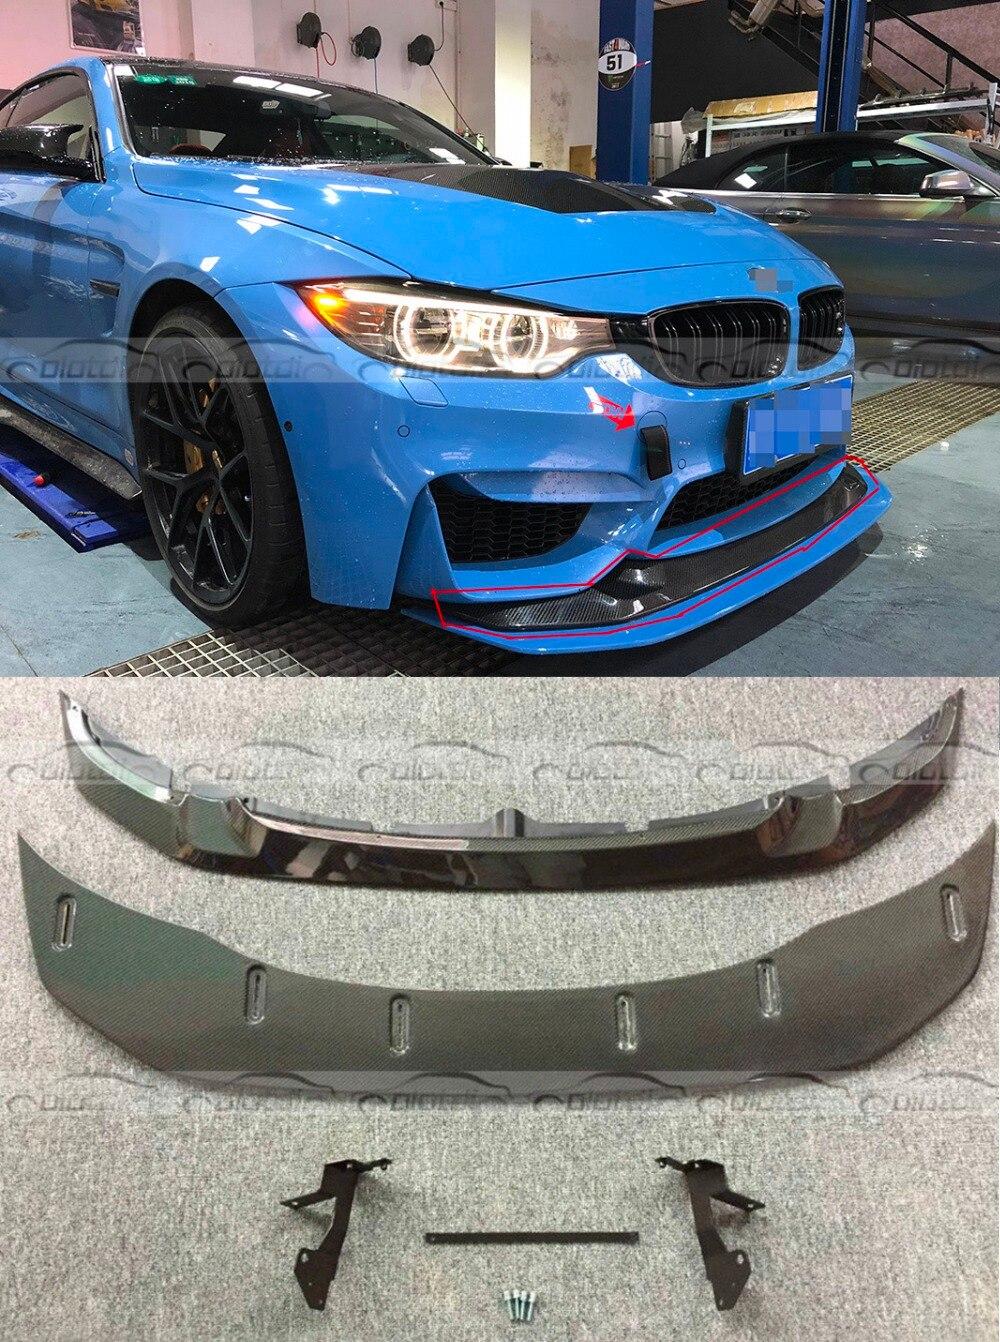 F80 F82 GTS Style Car Styling Réel En Fiber De Carbone Avant Lip & Spoiler Pare-chocs Fit Pour BMW F80 M3 F82 m4 2013 + 2 pcs